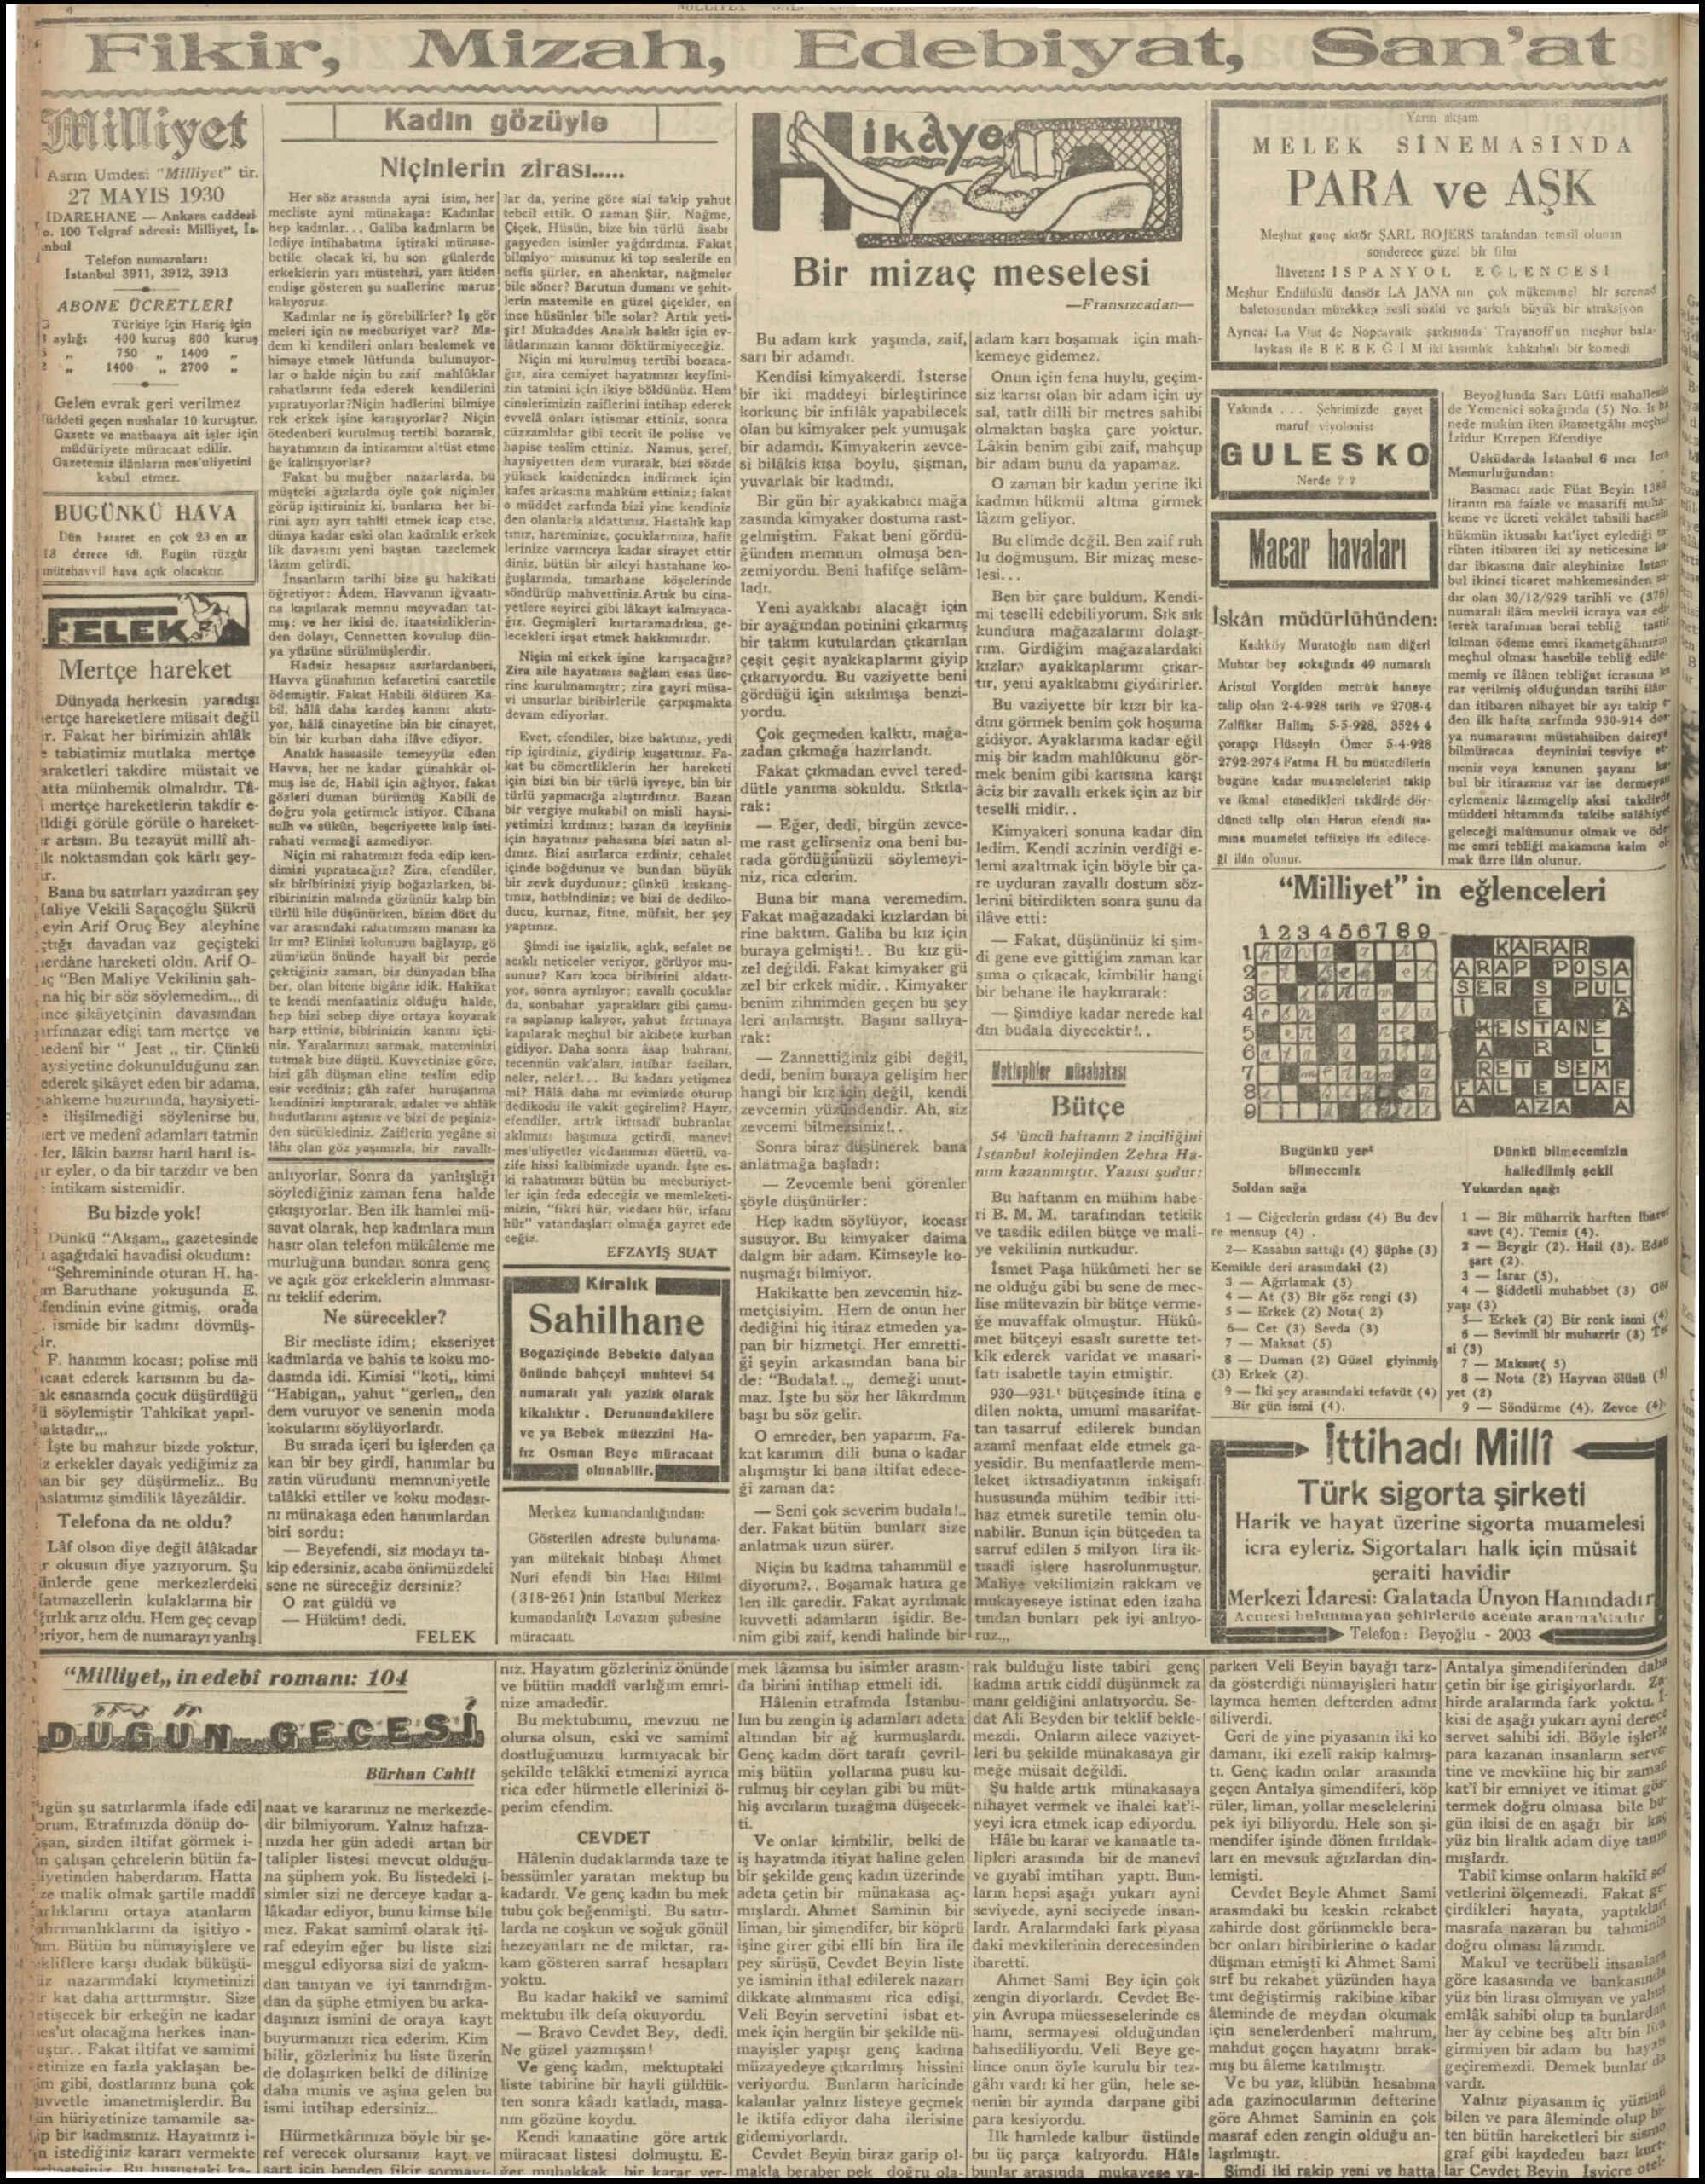 27 Mayıs 1930 Tarihli Milliyet Gazetesi Sayfa 4